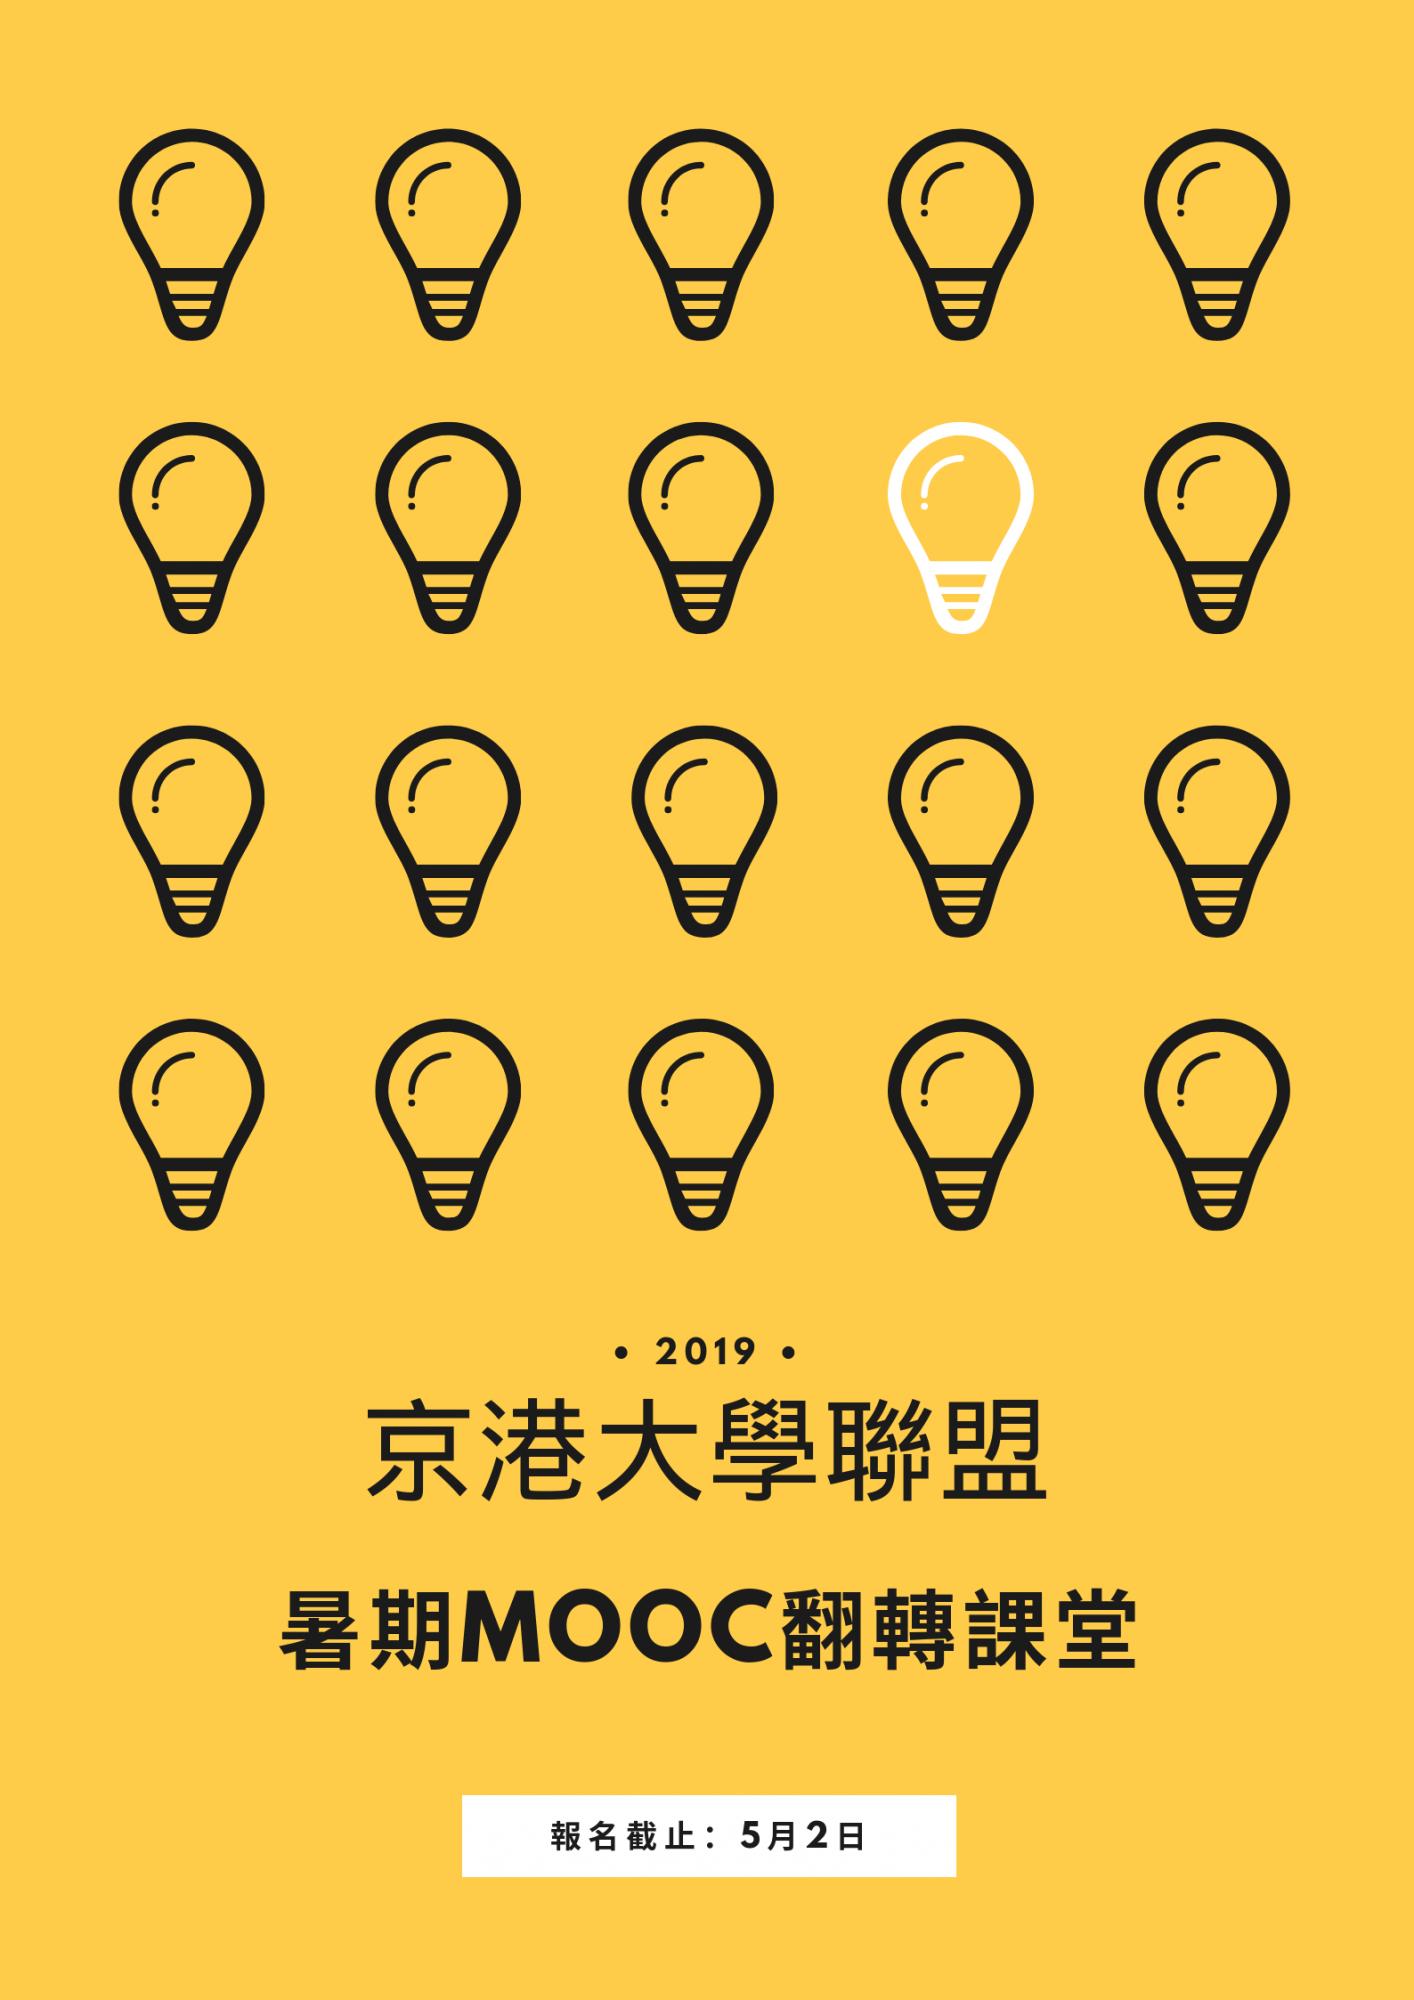 2019京港大學聯盟暑期MOOC翻轉課堂